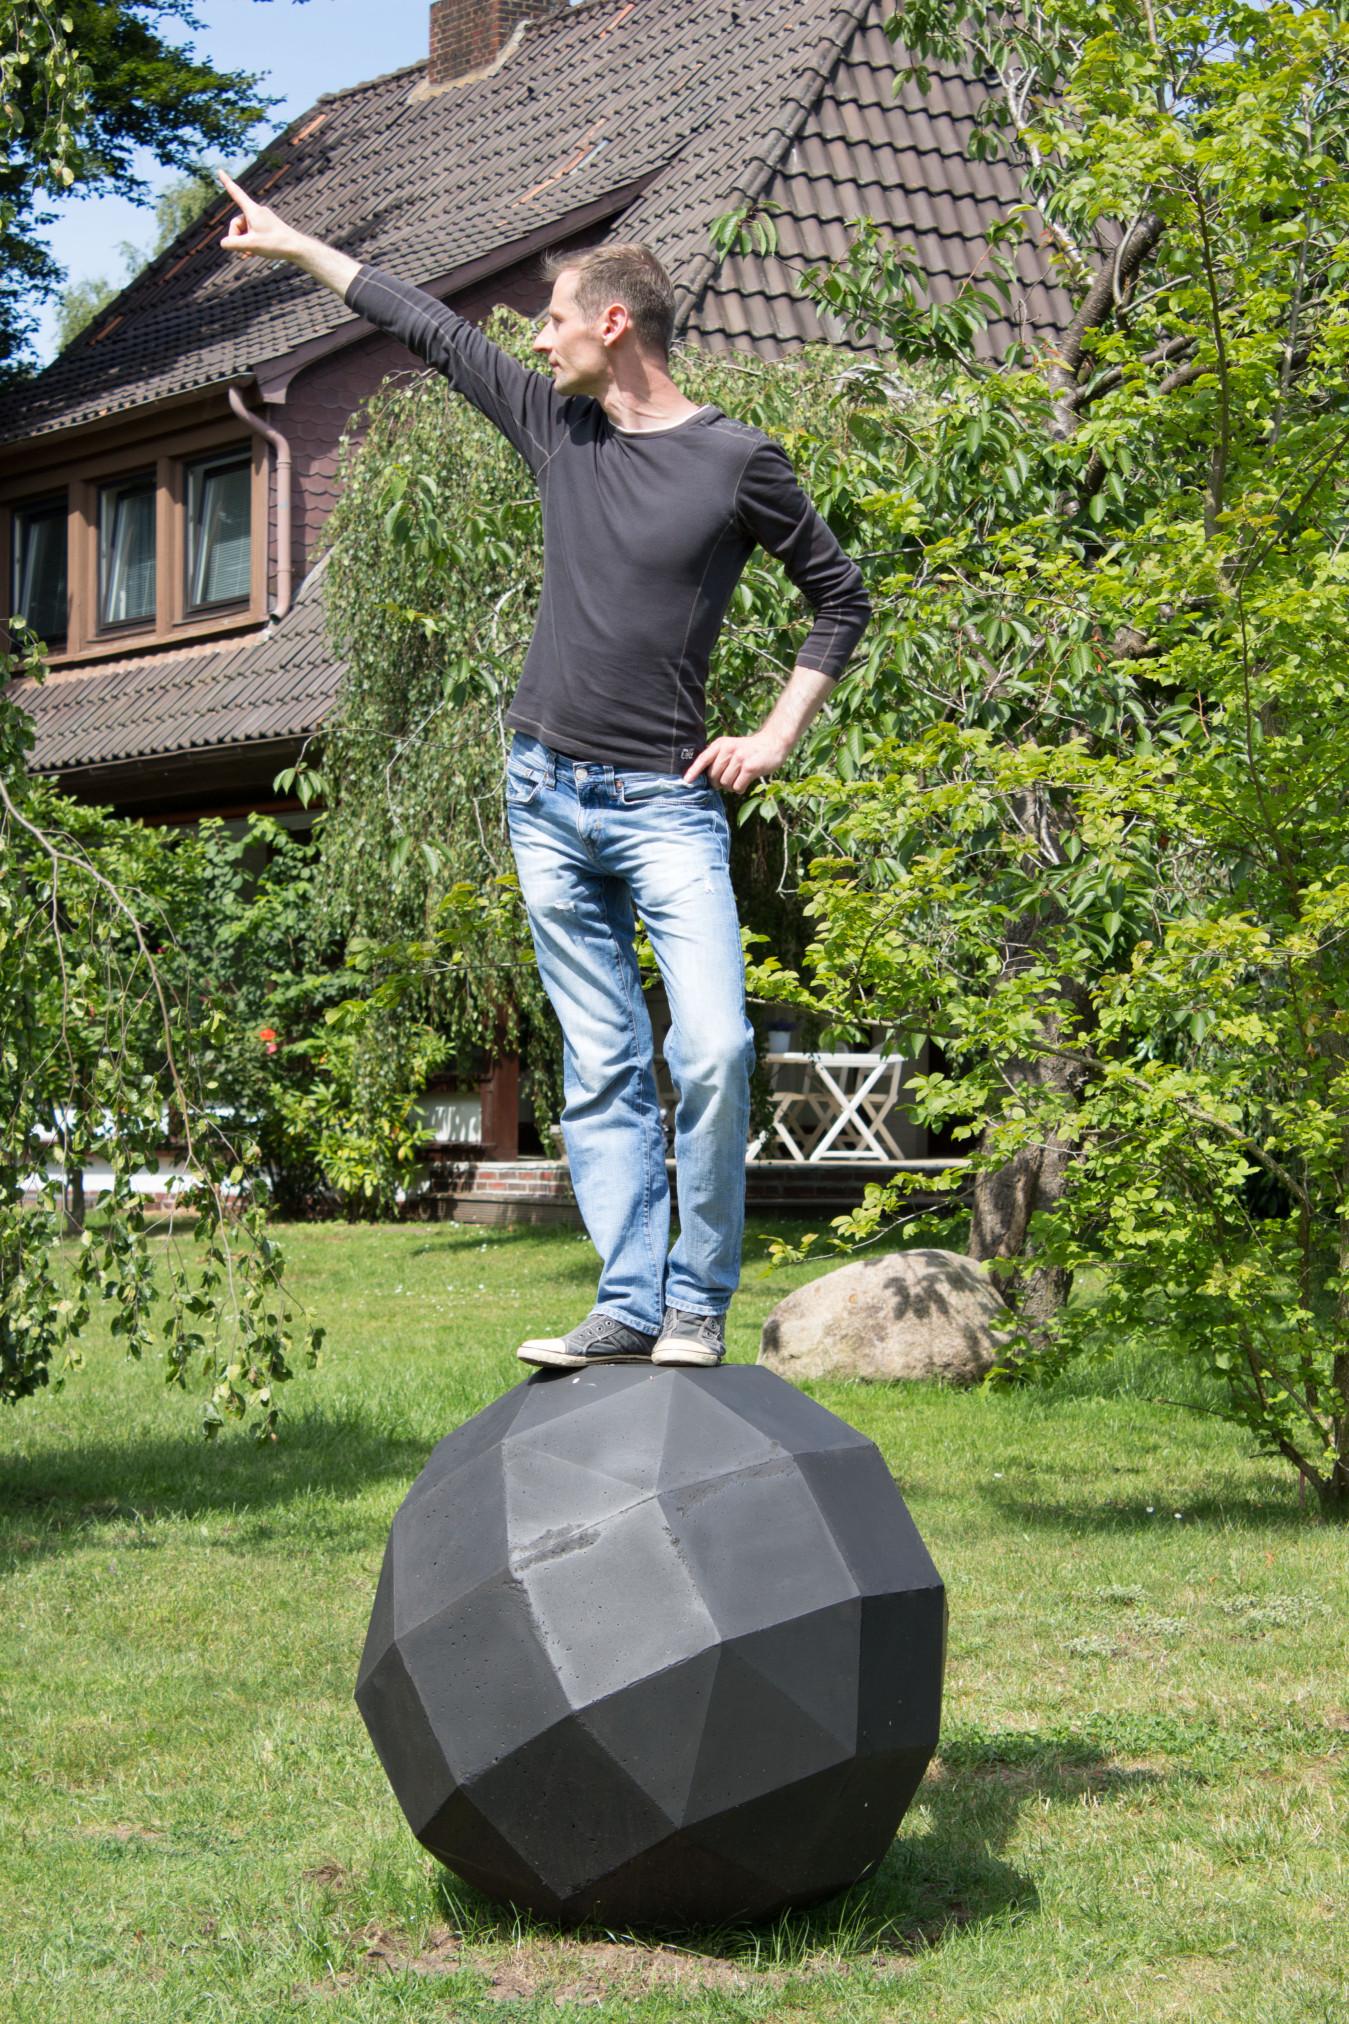 Firlus-Anna-NordArt0117